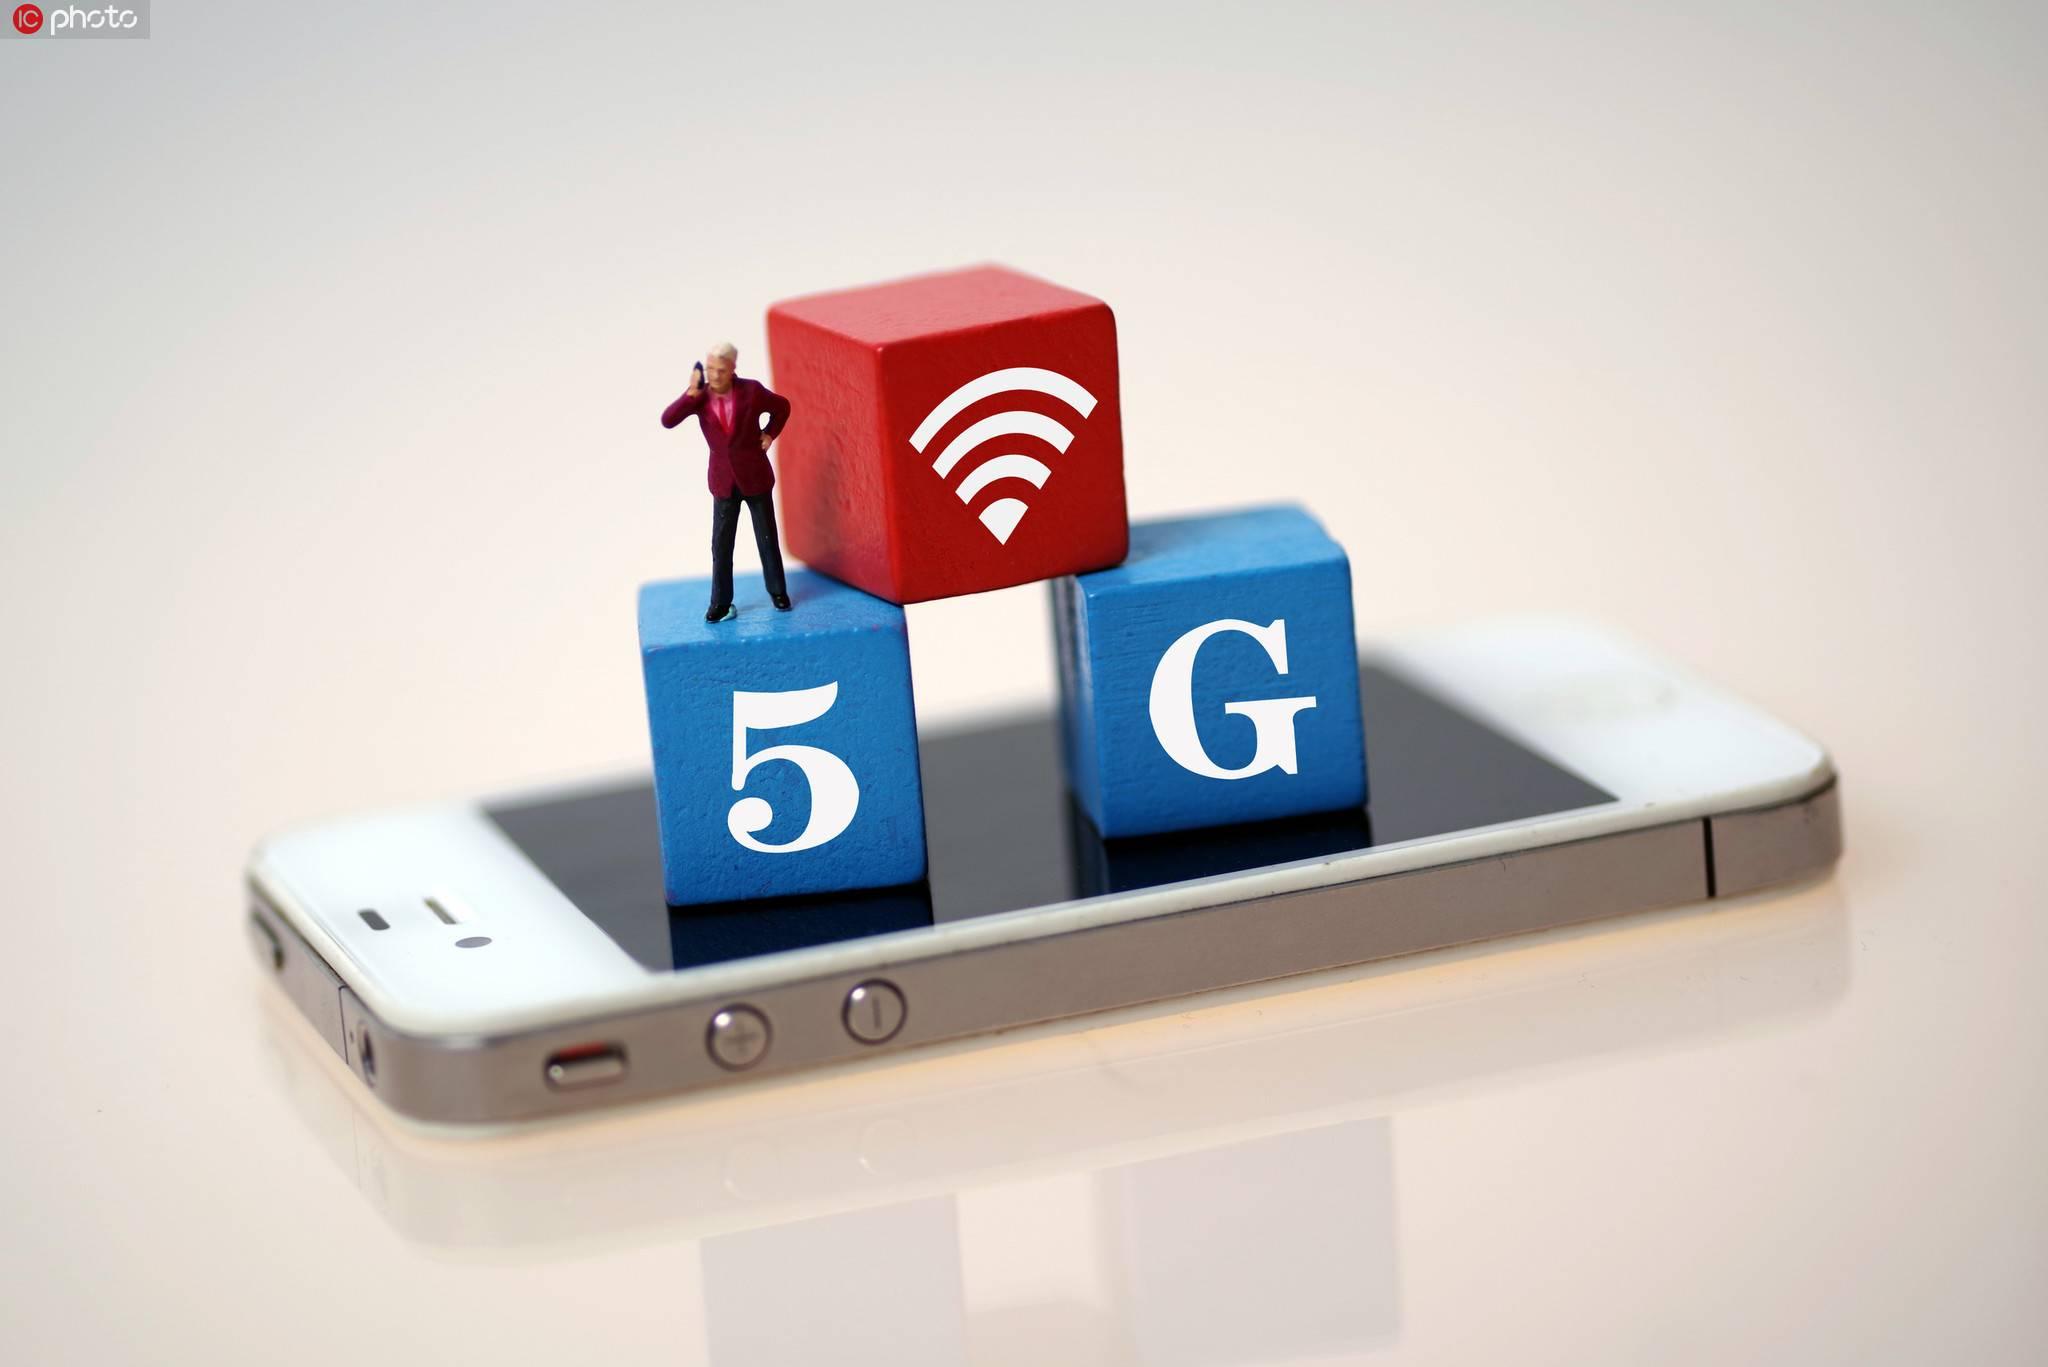 5G终端虽然已近100款,但连冰山一角都算不上